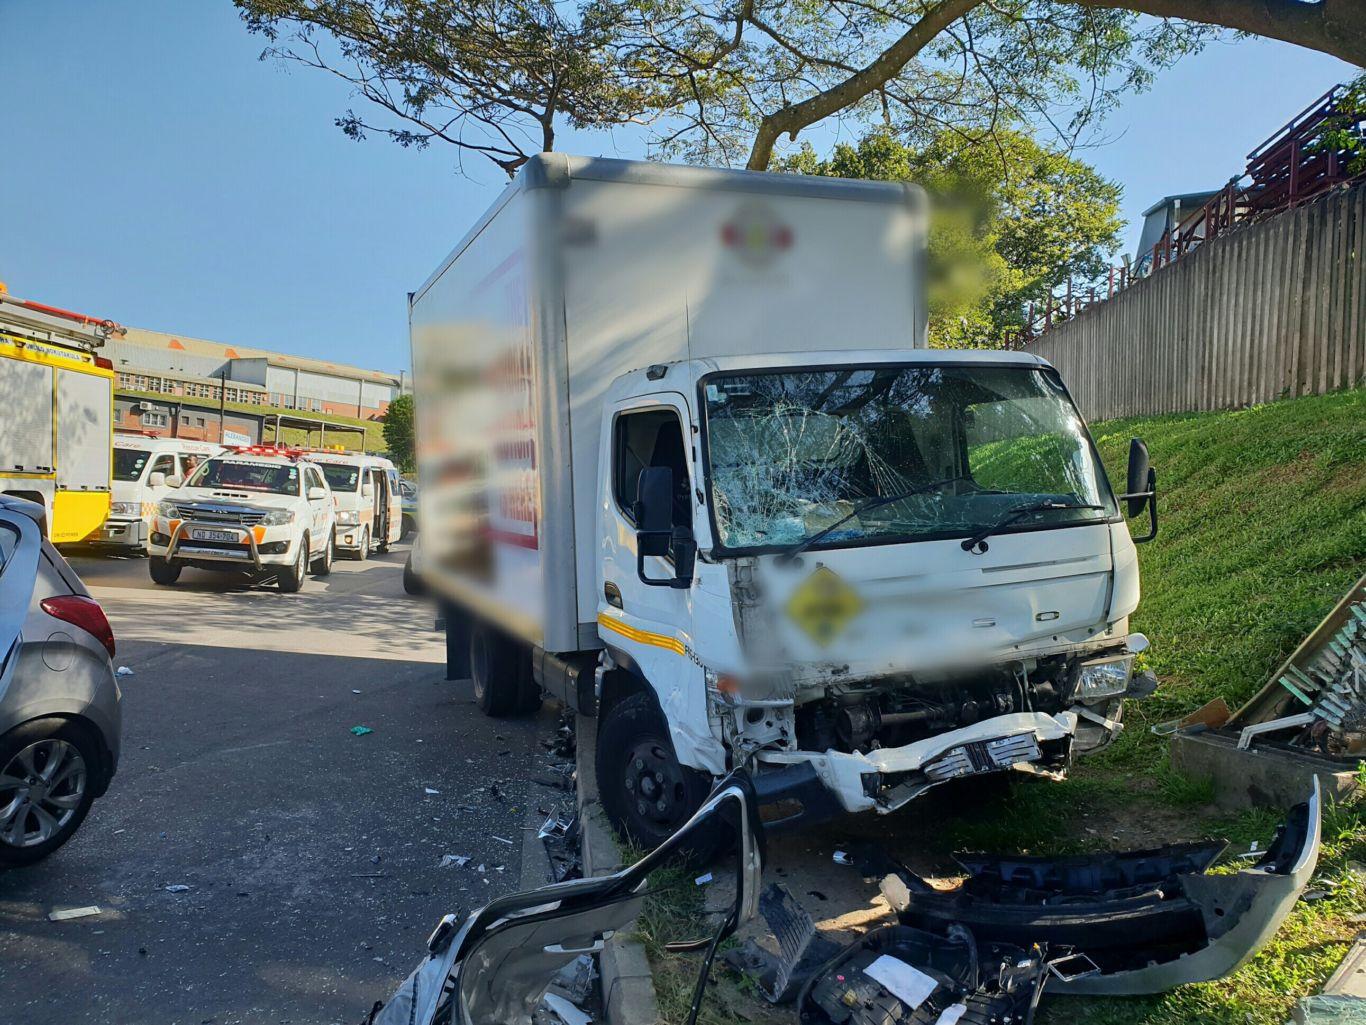 तीन ट्रकों की आपस में हुई टक्कर, तीन लोग घायल